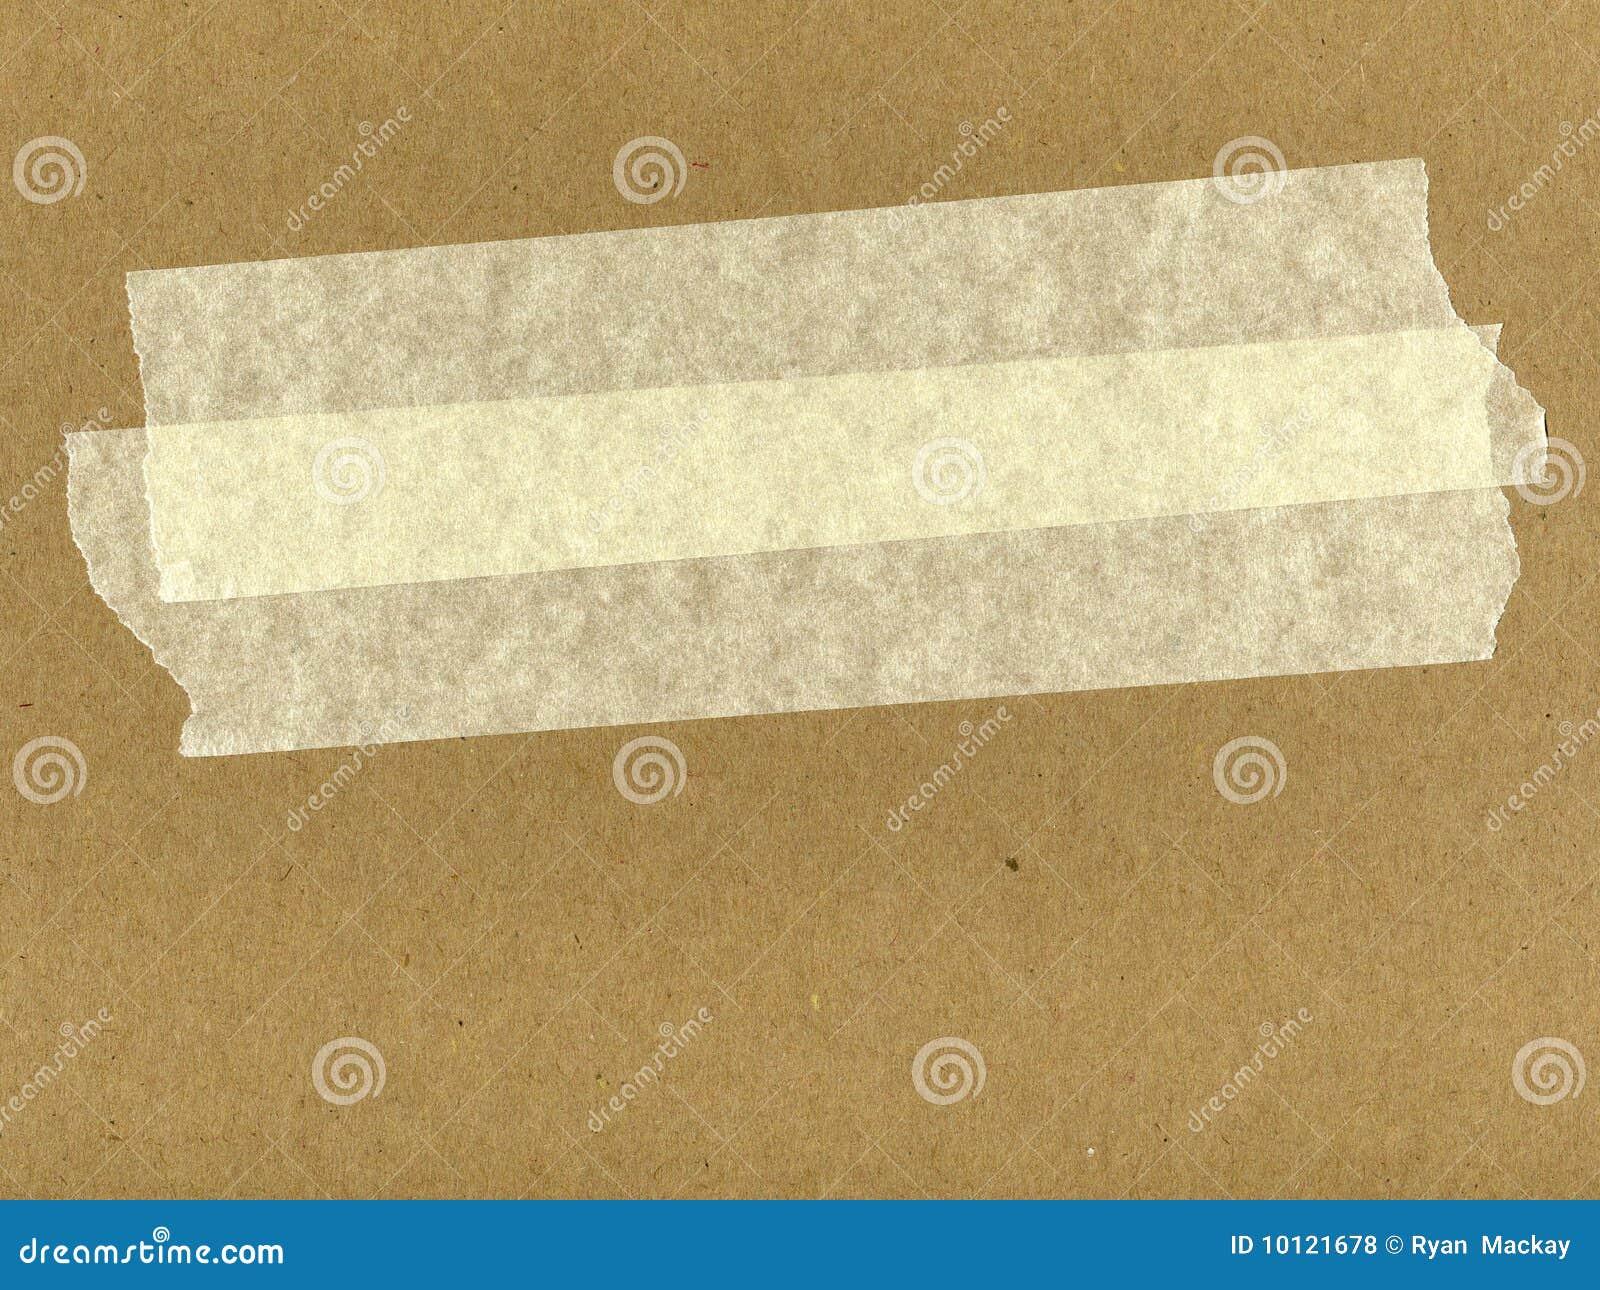 Cartone con nastro adesivo fotografia stock immagine di